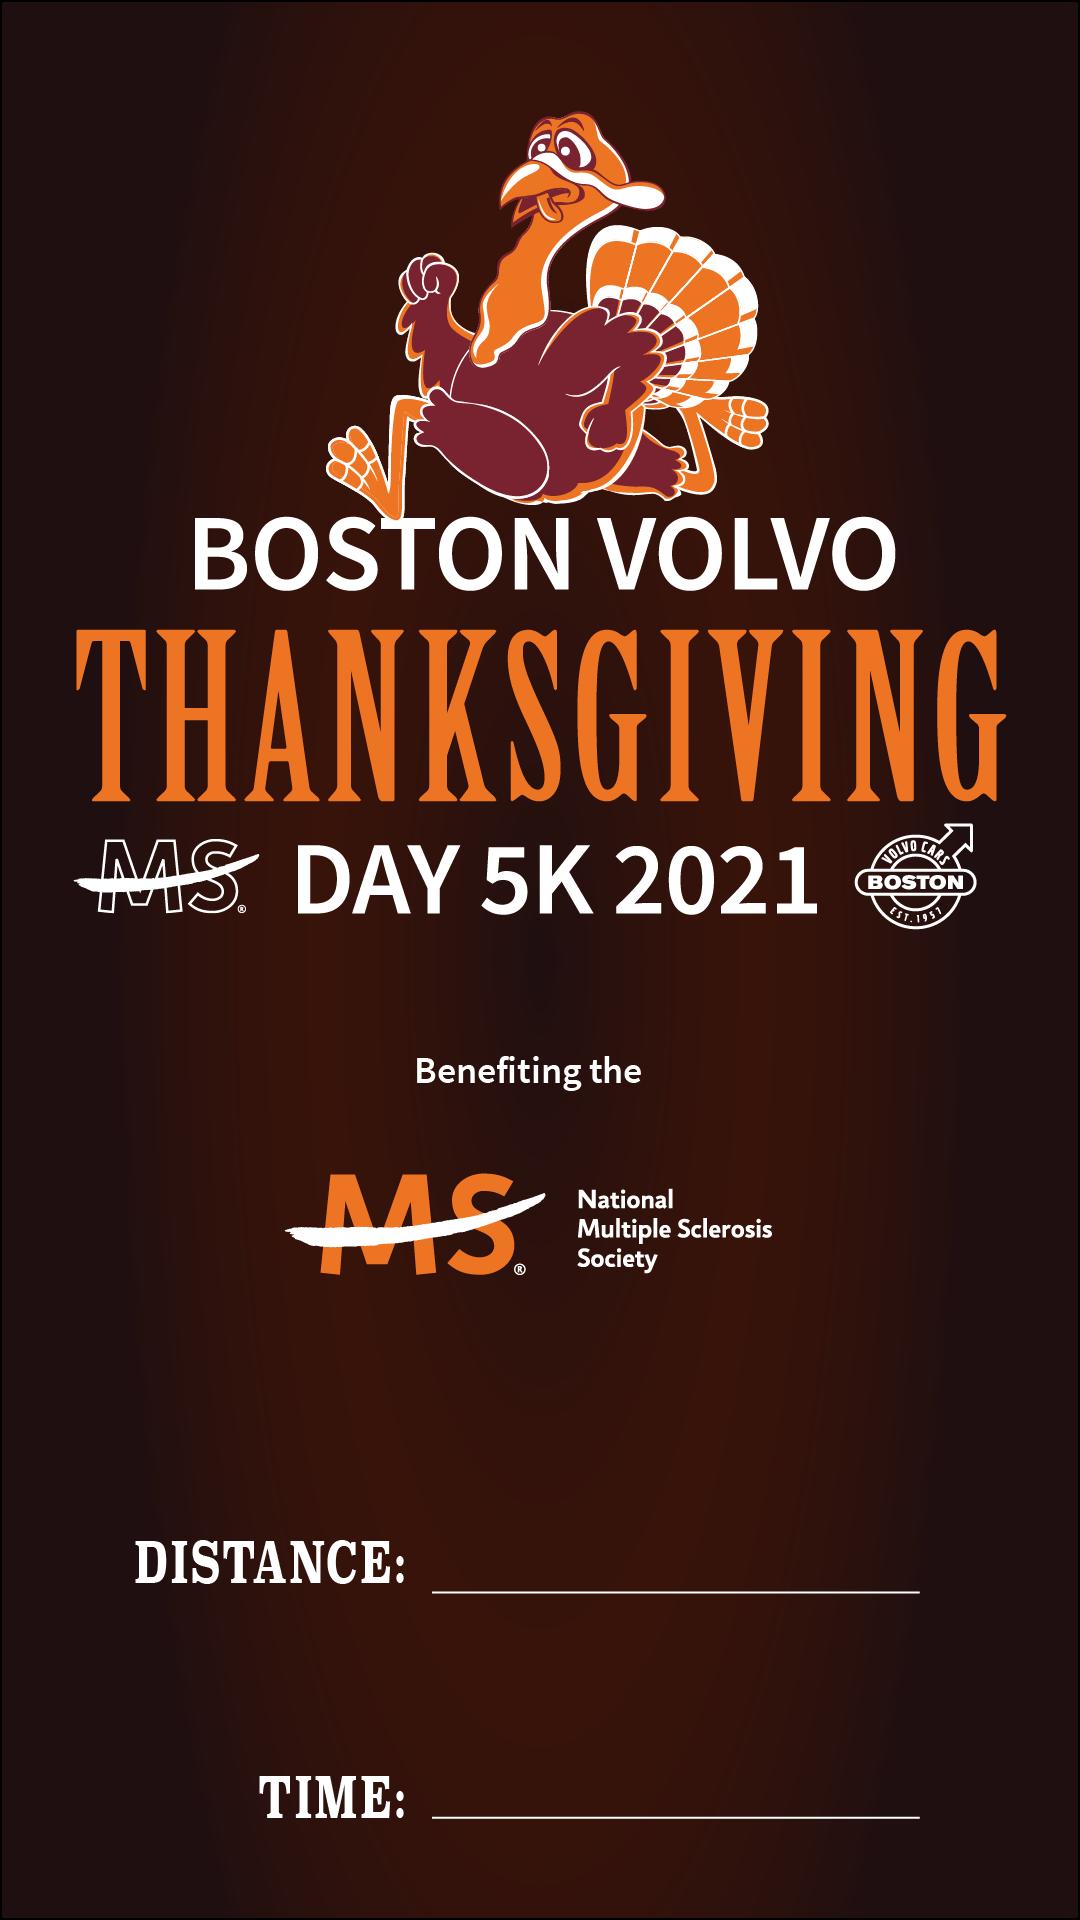 Boston Volvo Thanksgiving Day 5k 2021 logo